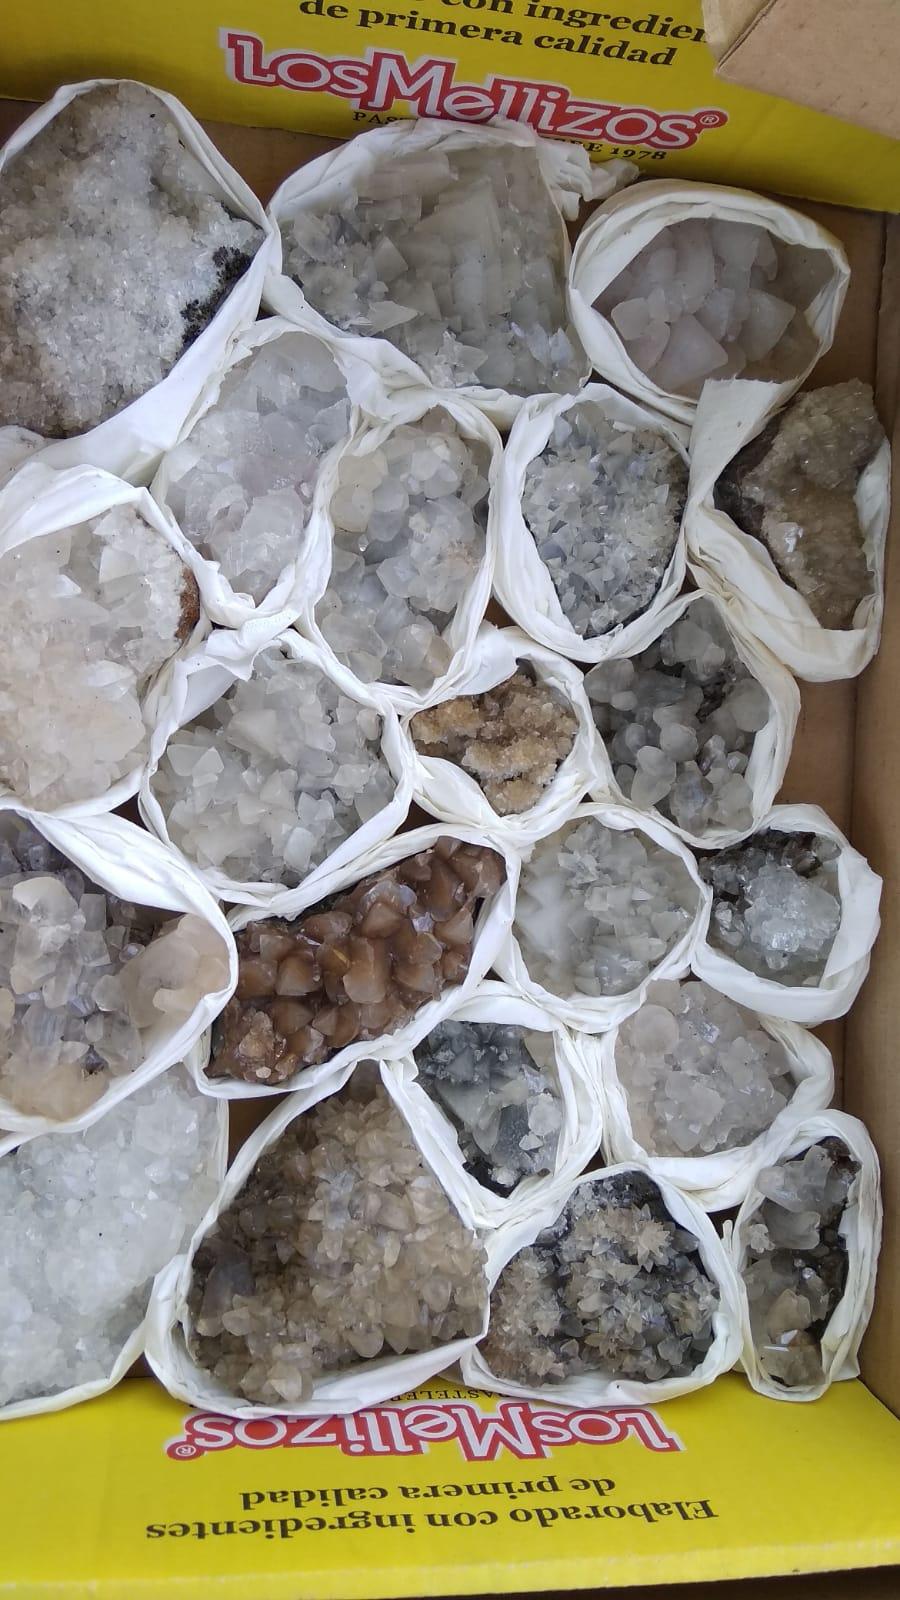 I Feria de minerales intercambio y venta de Cártama (MÁLAGA) - Página 5 Img-2050